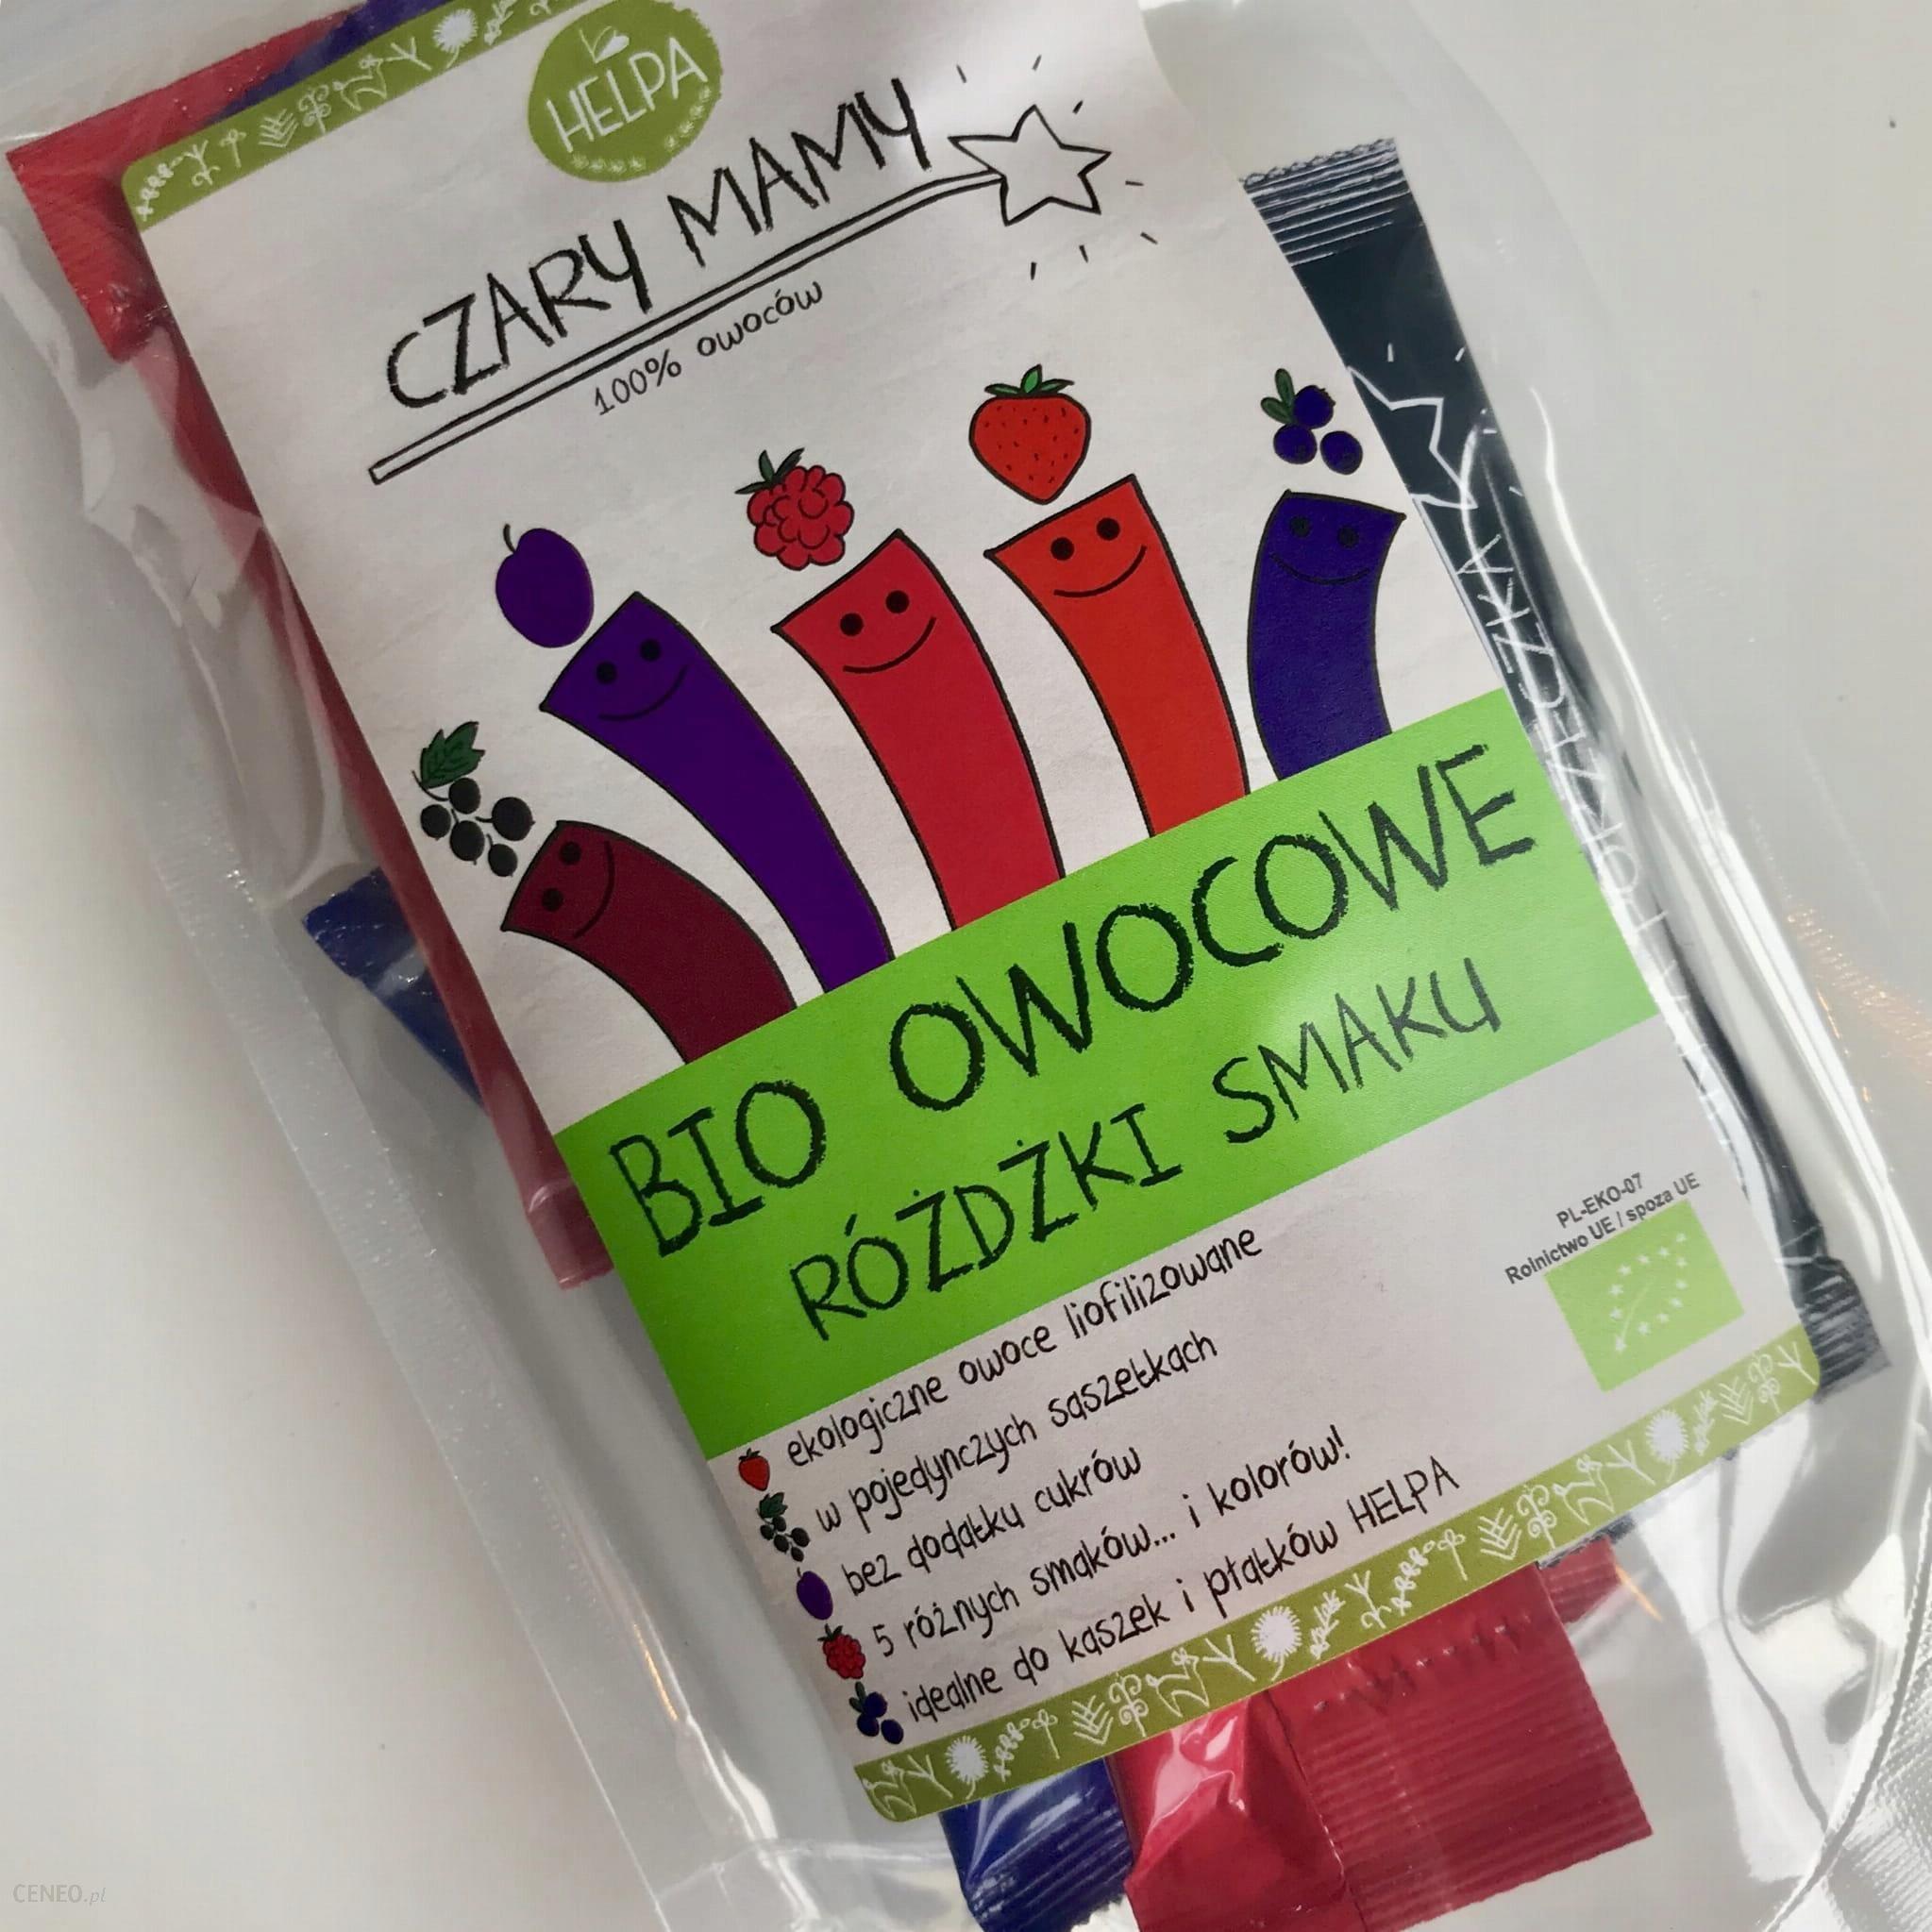 dopasowywanie biodata sw-122-44 swatanie